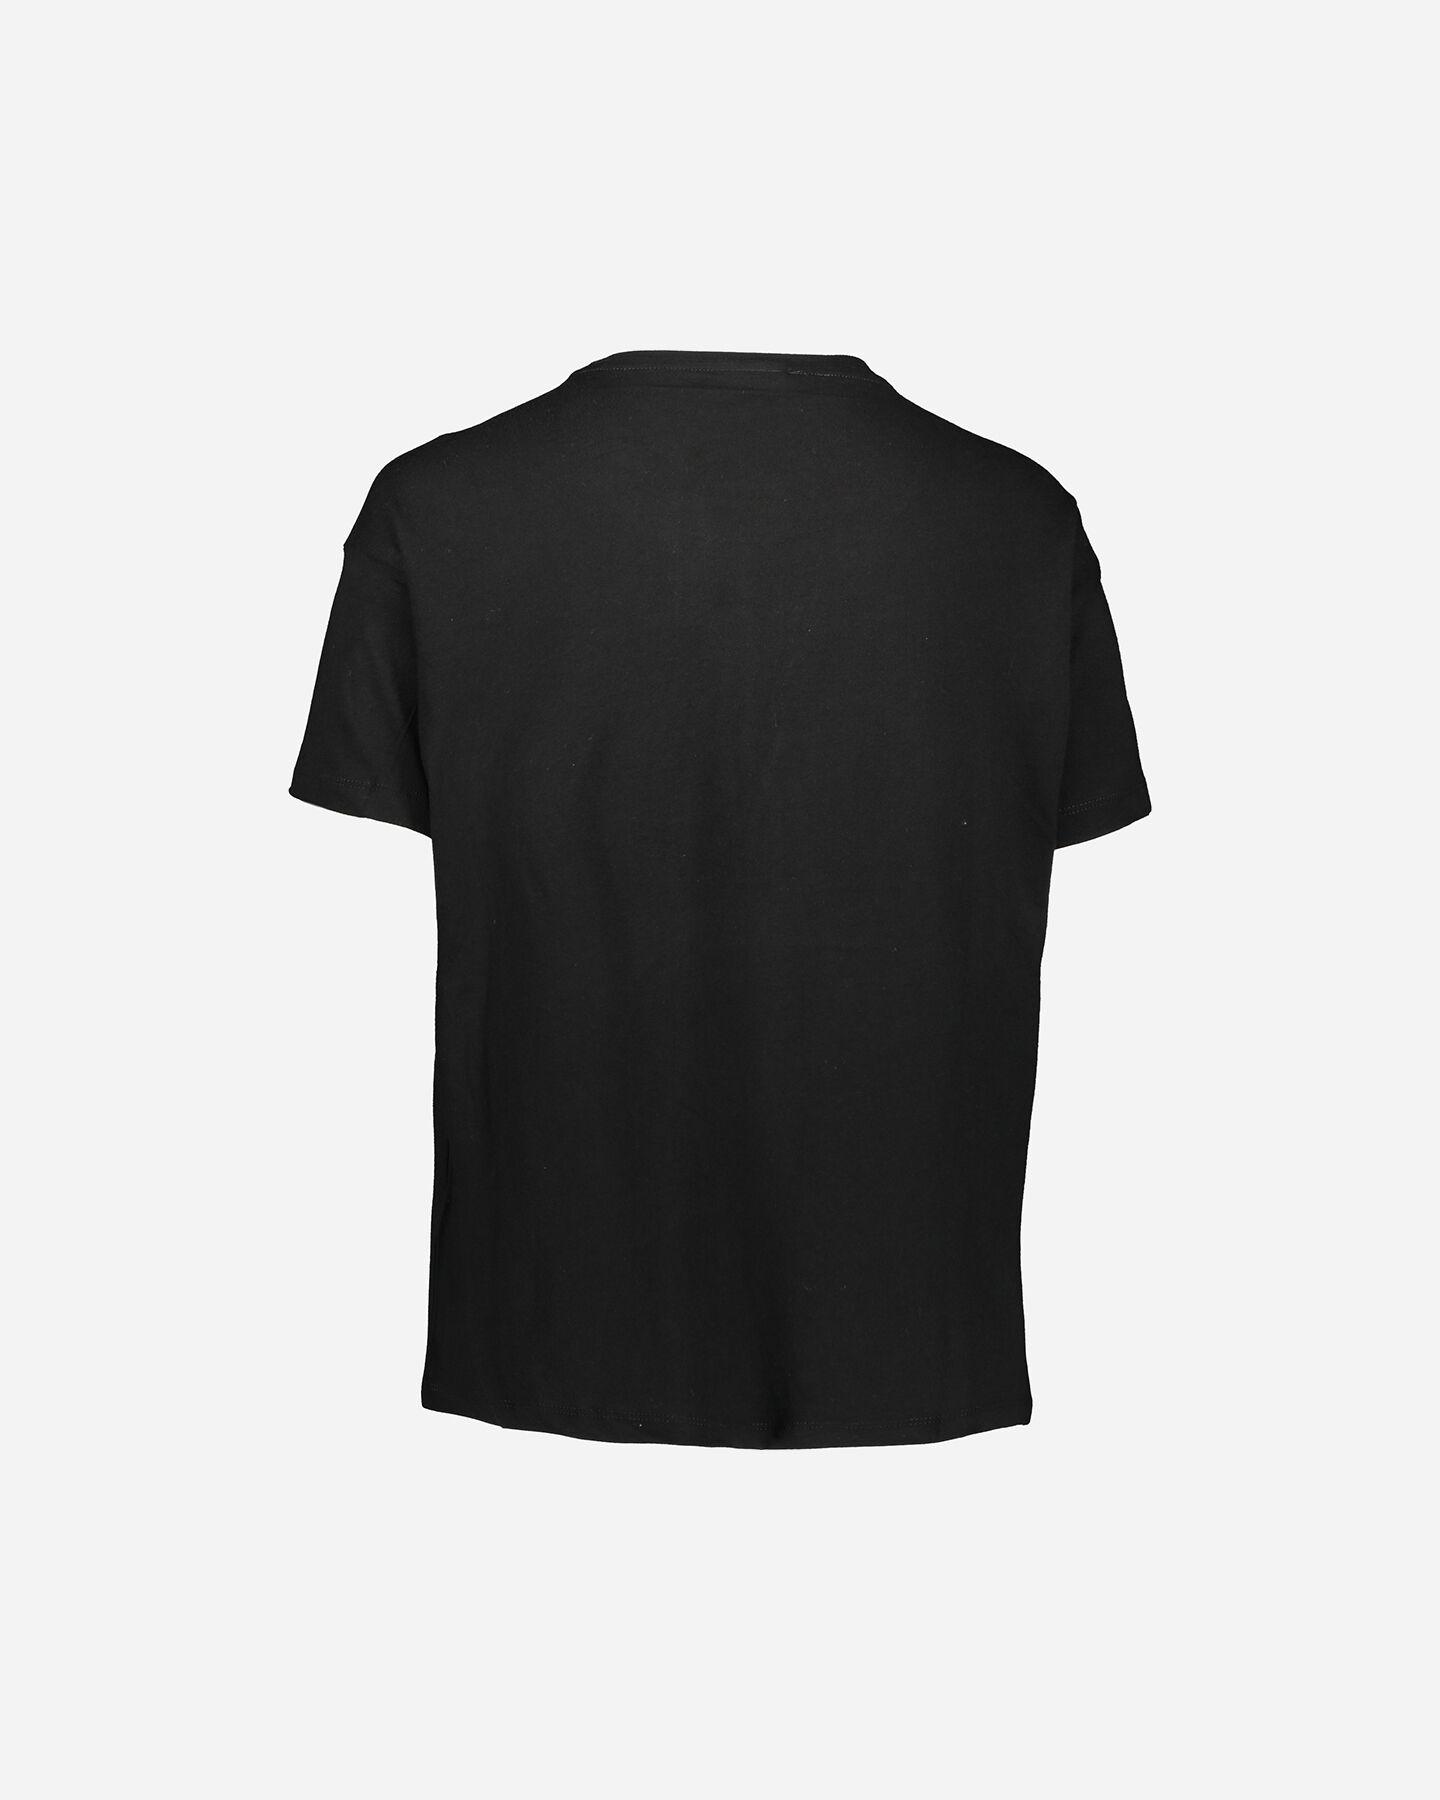 T-Shirt FREDDY BIG LOGO W S5245269 scatto 1